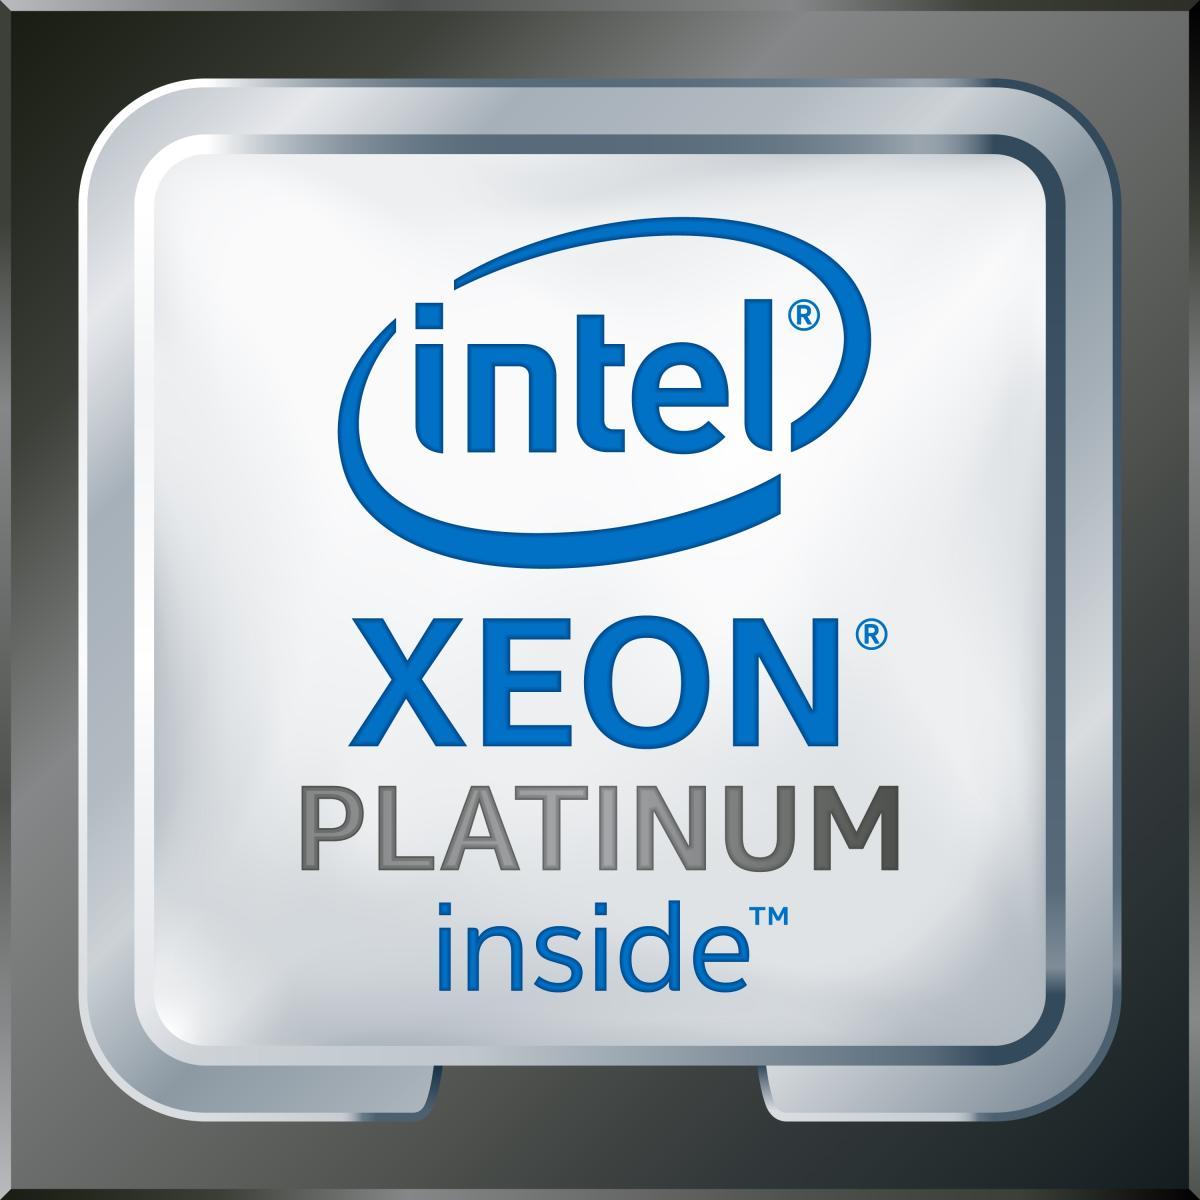 Intel Xeon CPU family